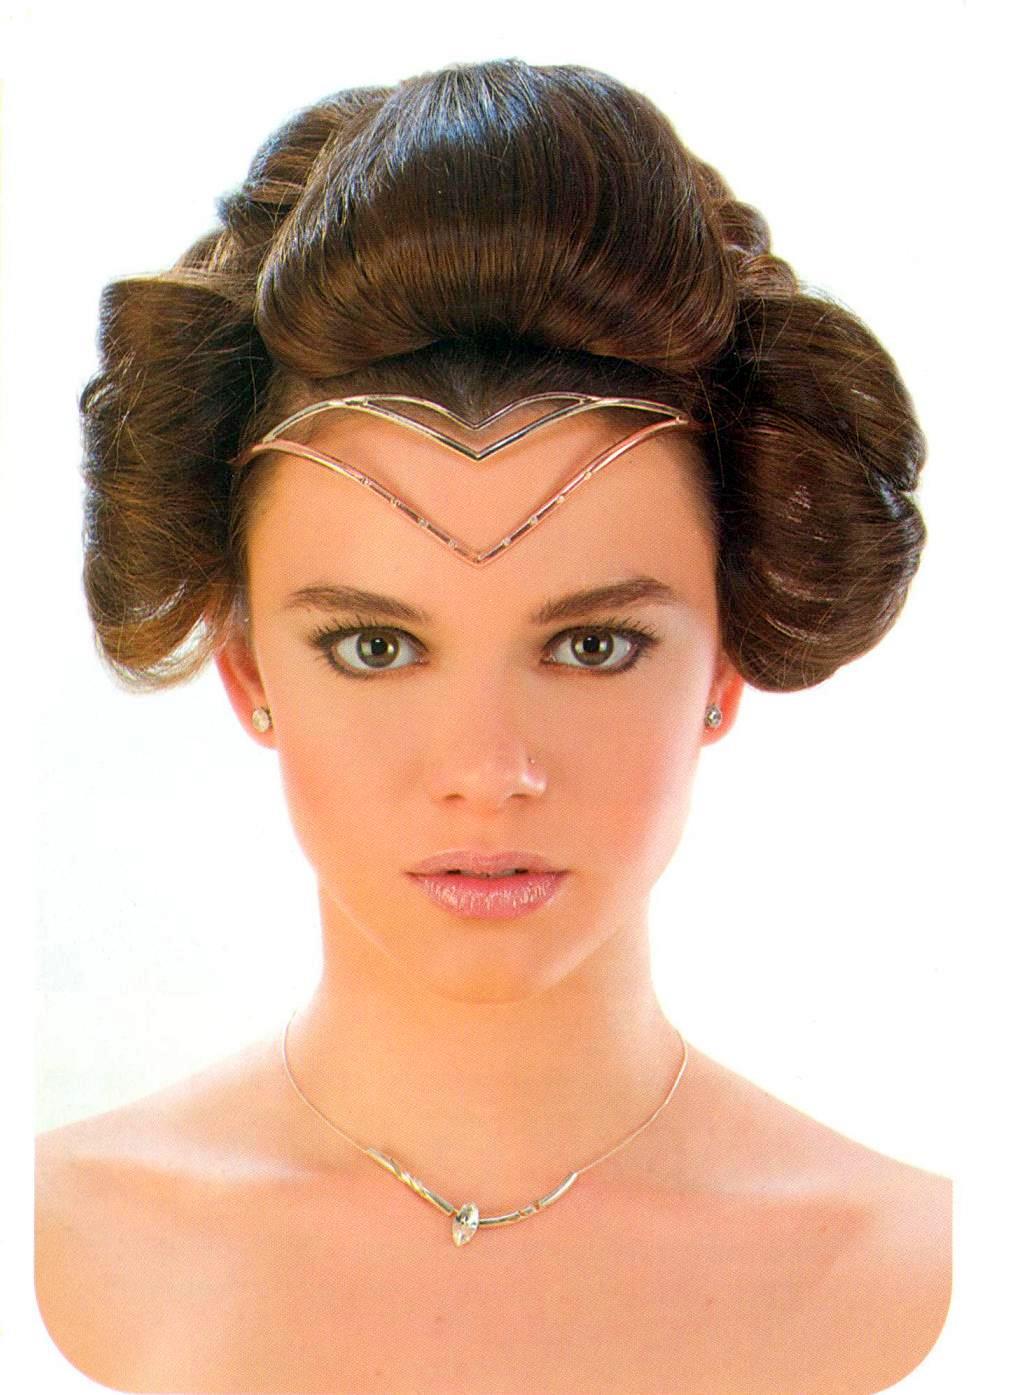 peinados recogidos sencillos pelo rizado 15 formas de llevar el pelo rizado vogue - Recogidos Informales Pelo Rizado